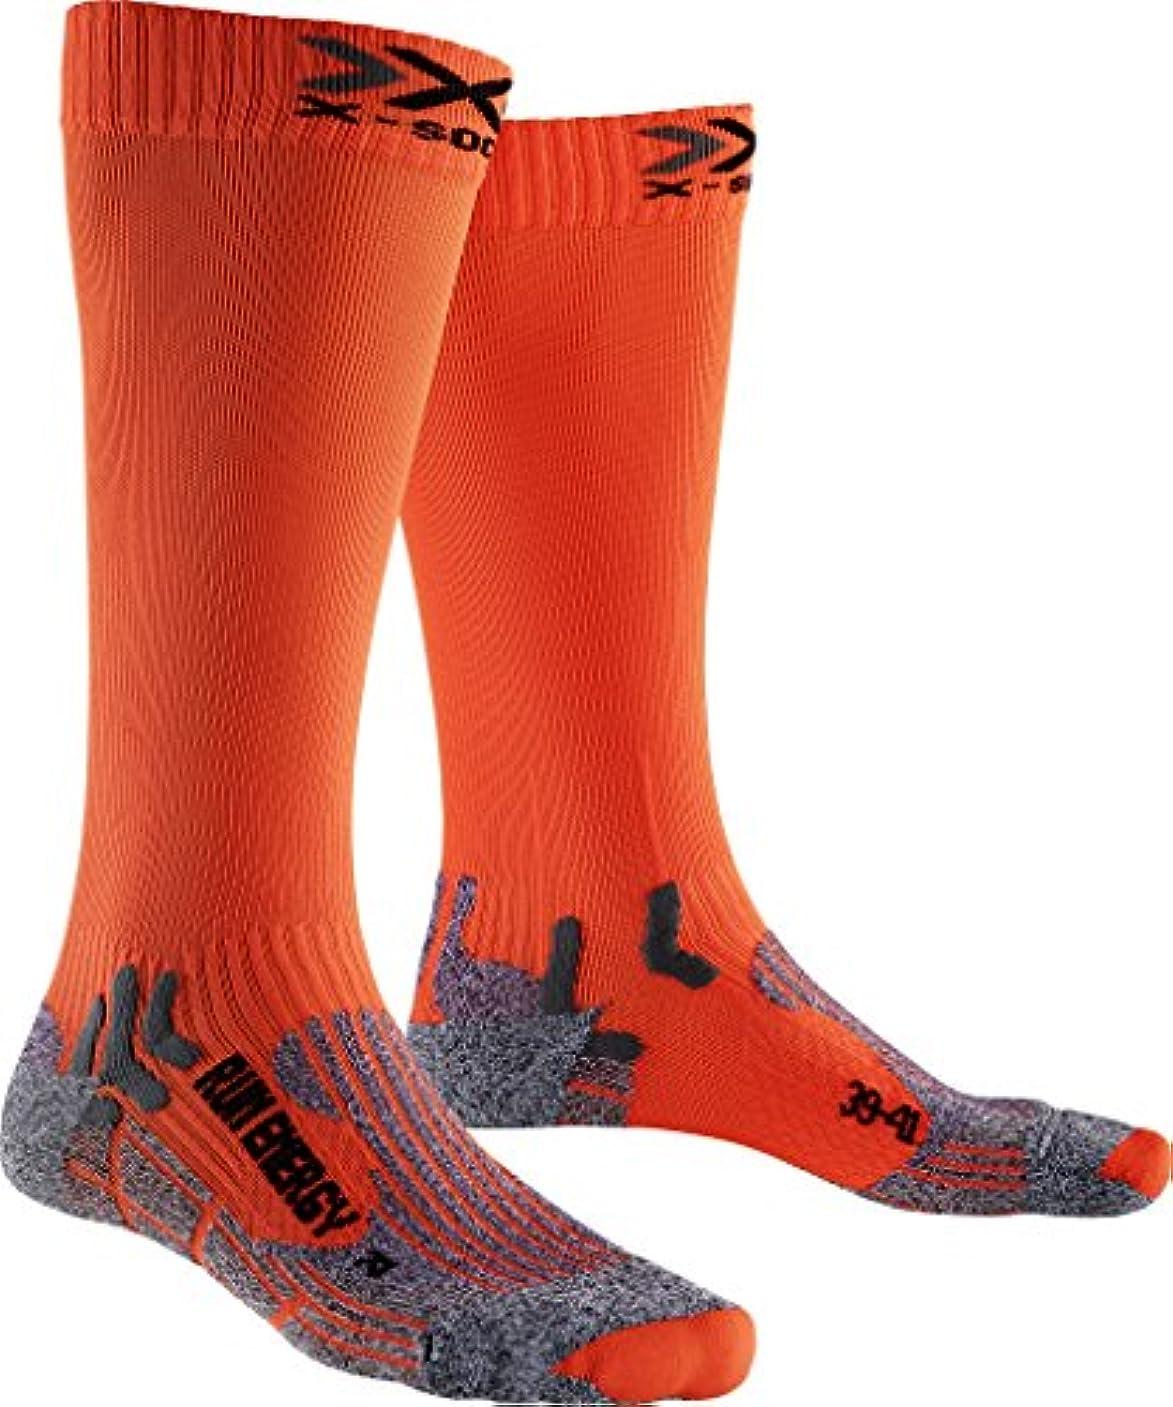 静める選ぶ机メンズとレディース1ペアx-socks実行Energiser圧縮ソックス